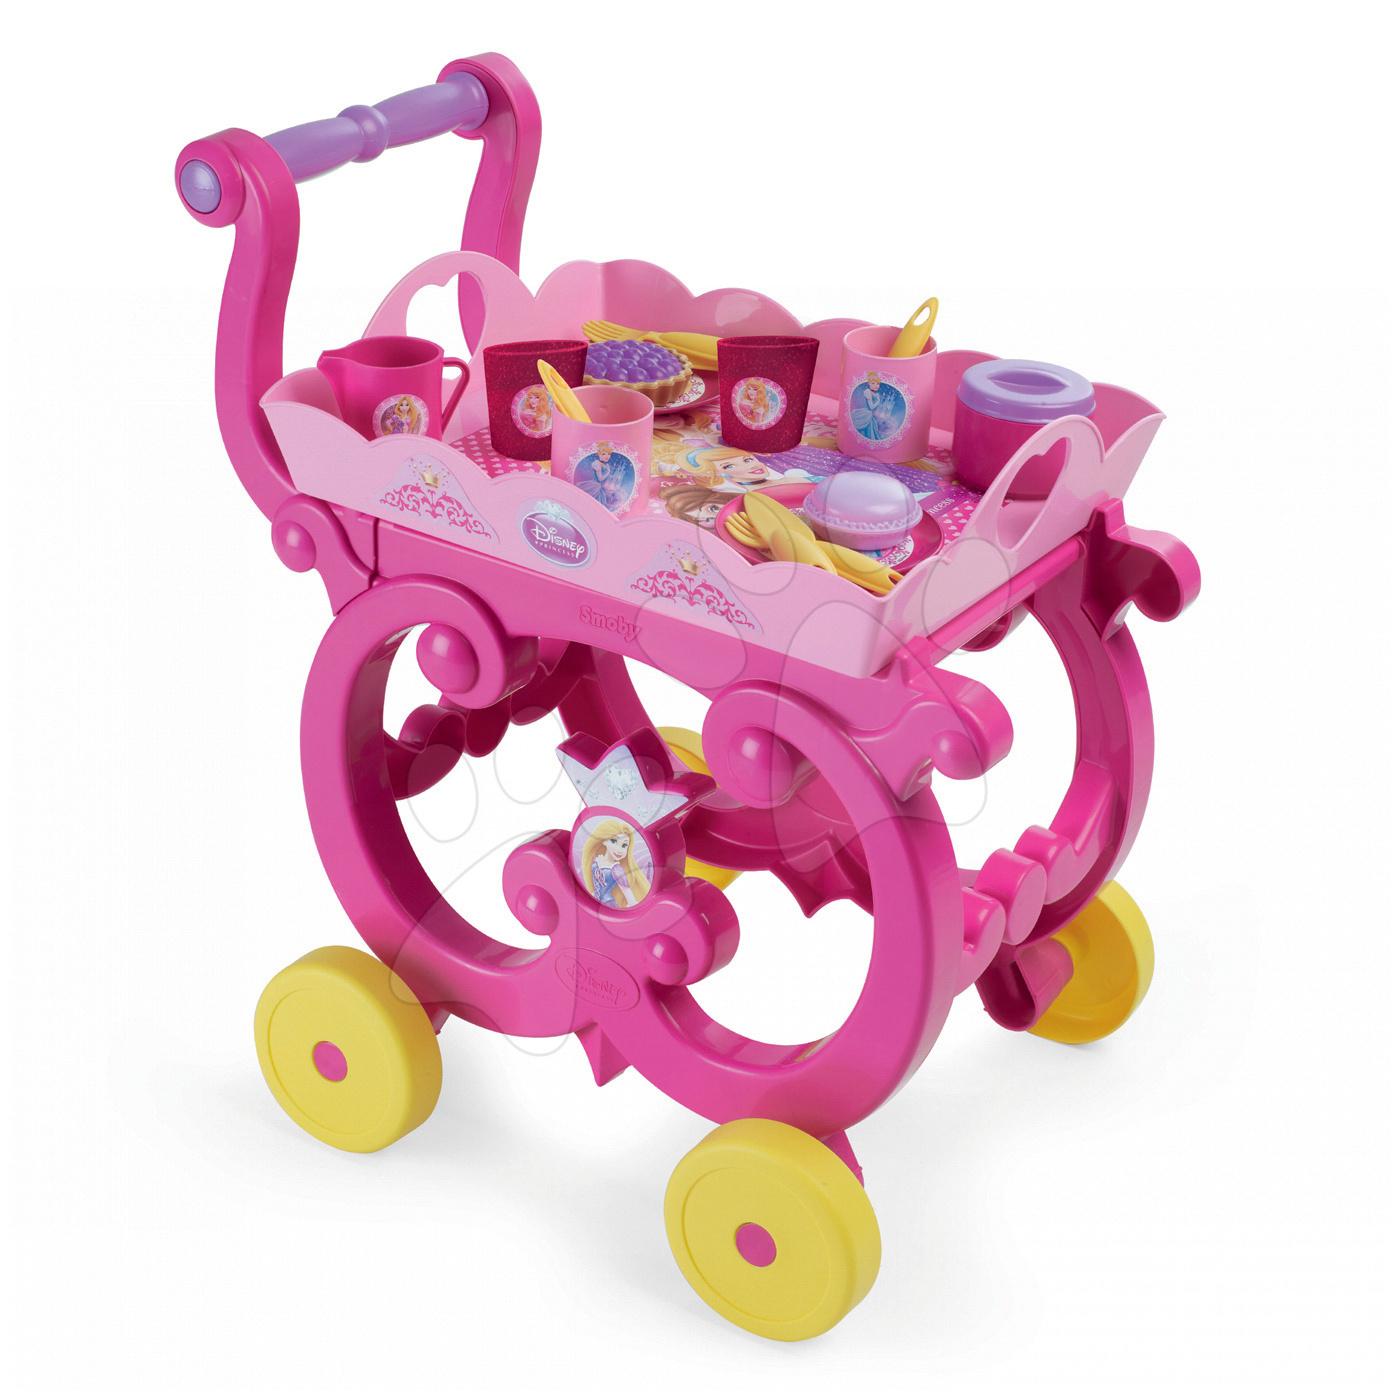 Riadíky a doplnky kuchynky - Čajová súprava Princezné Smoby na servírovacom vozíku s 17 doplnkami